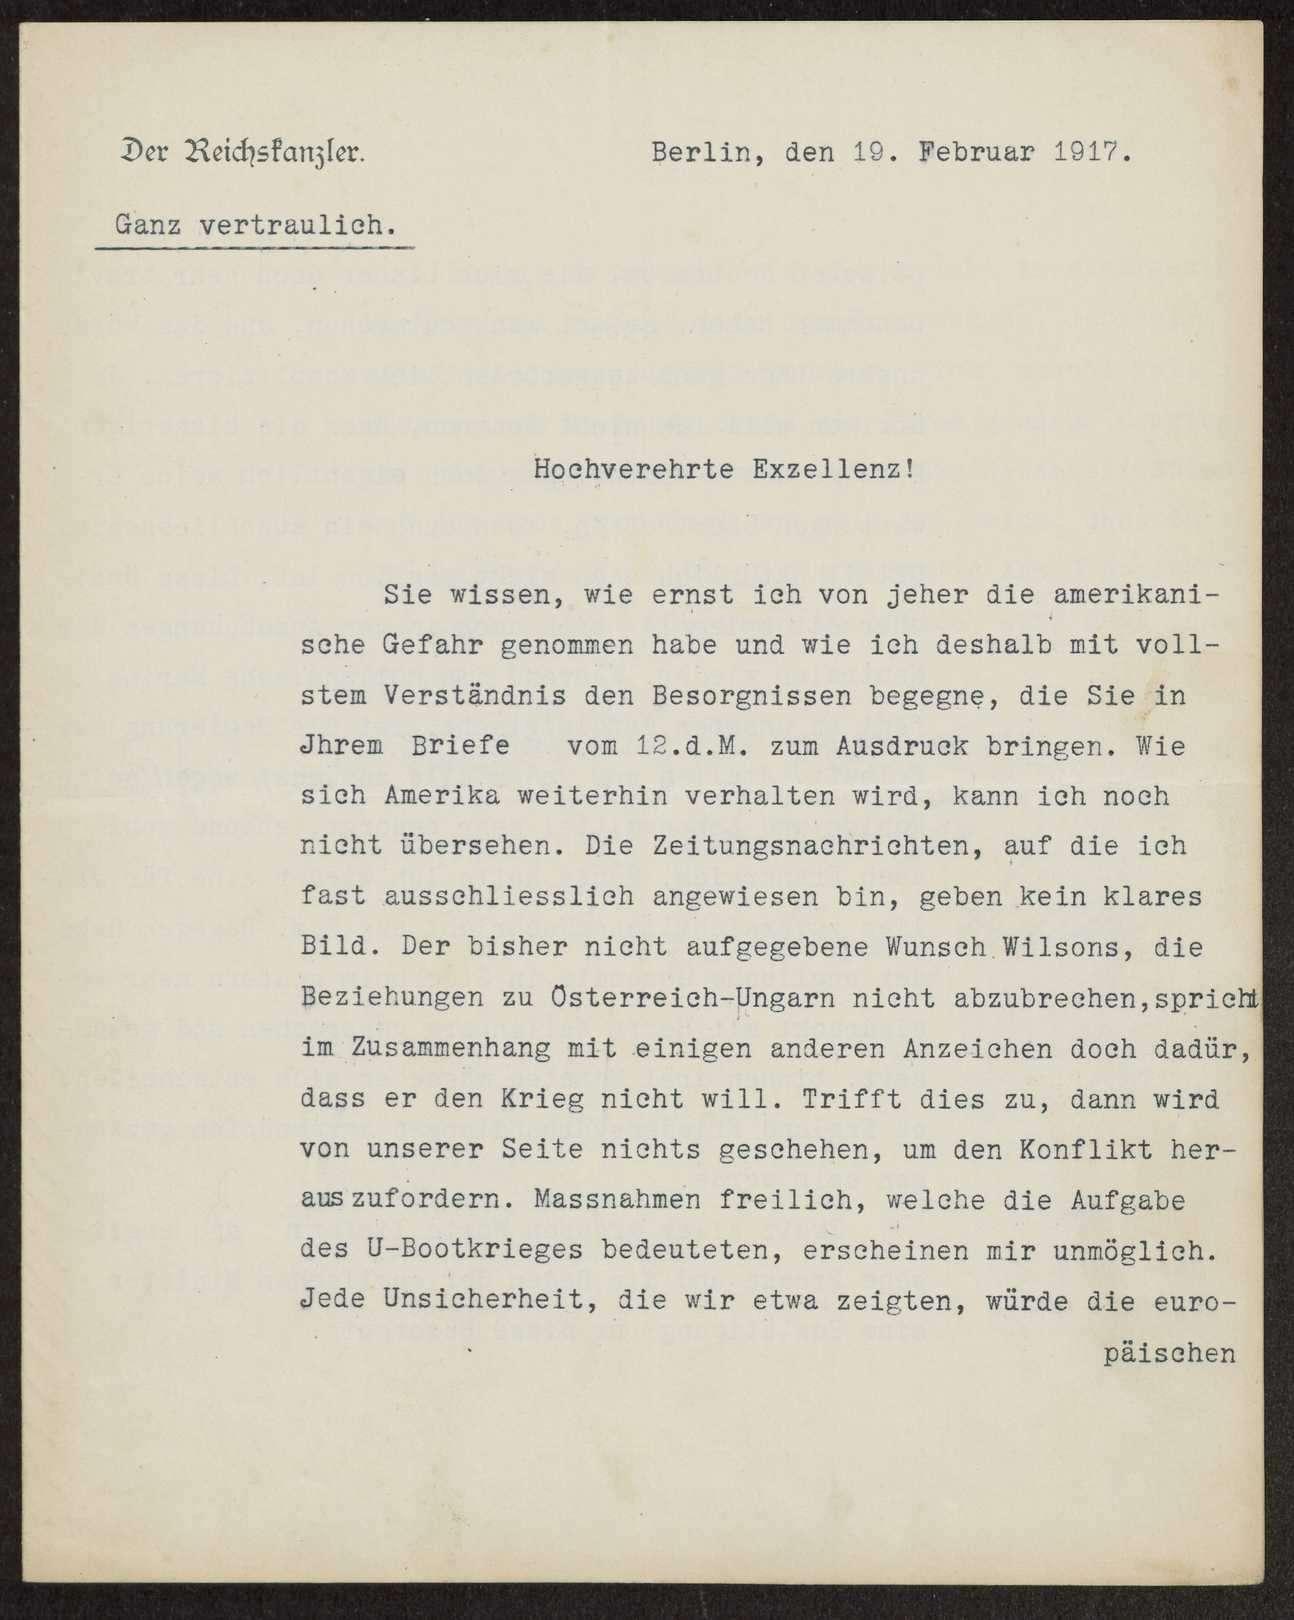 Korrespondenz mit dem Staatssekretär des Reichsamts des Innern bzw. Reichskanzler Theobald v. Bethmann Hollweg bis 1917. Tod Bethmann Hollwegs (1921) Schreiben, Notizen, Zeitungsausschnitte, Bild 2